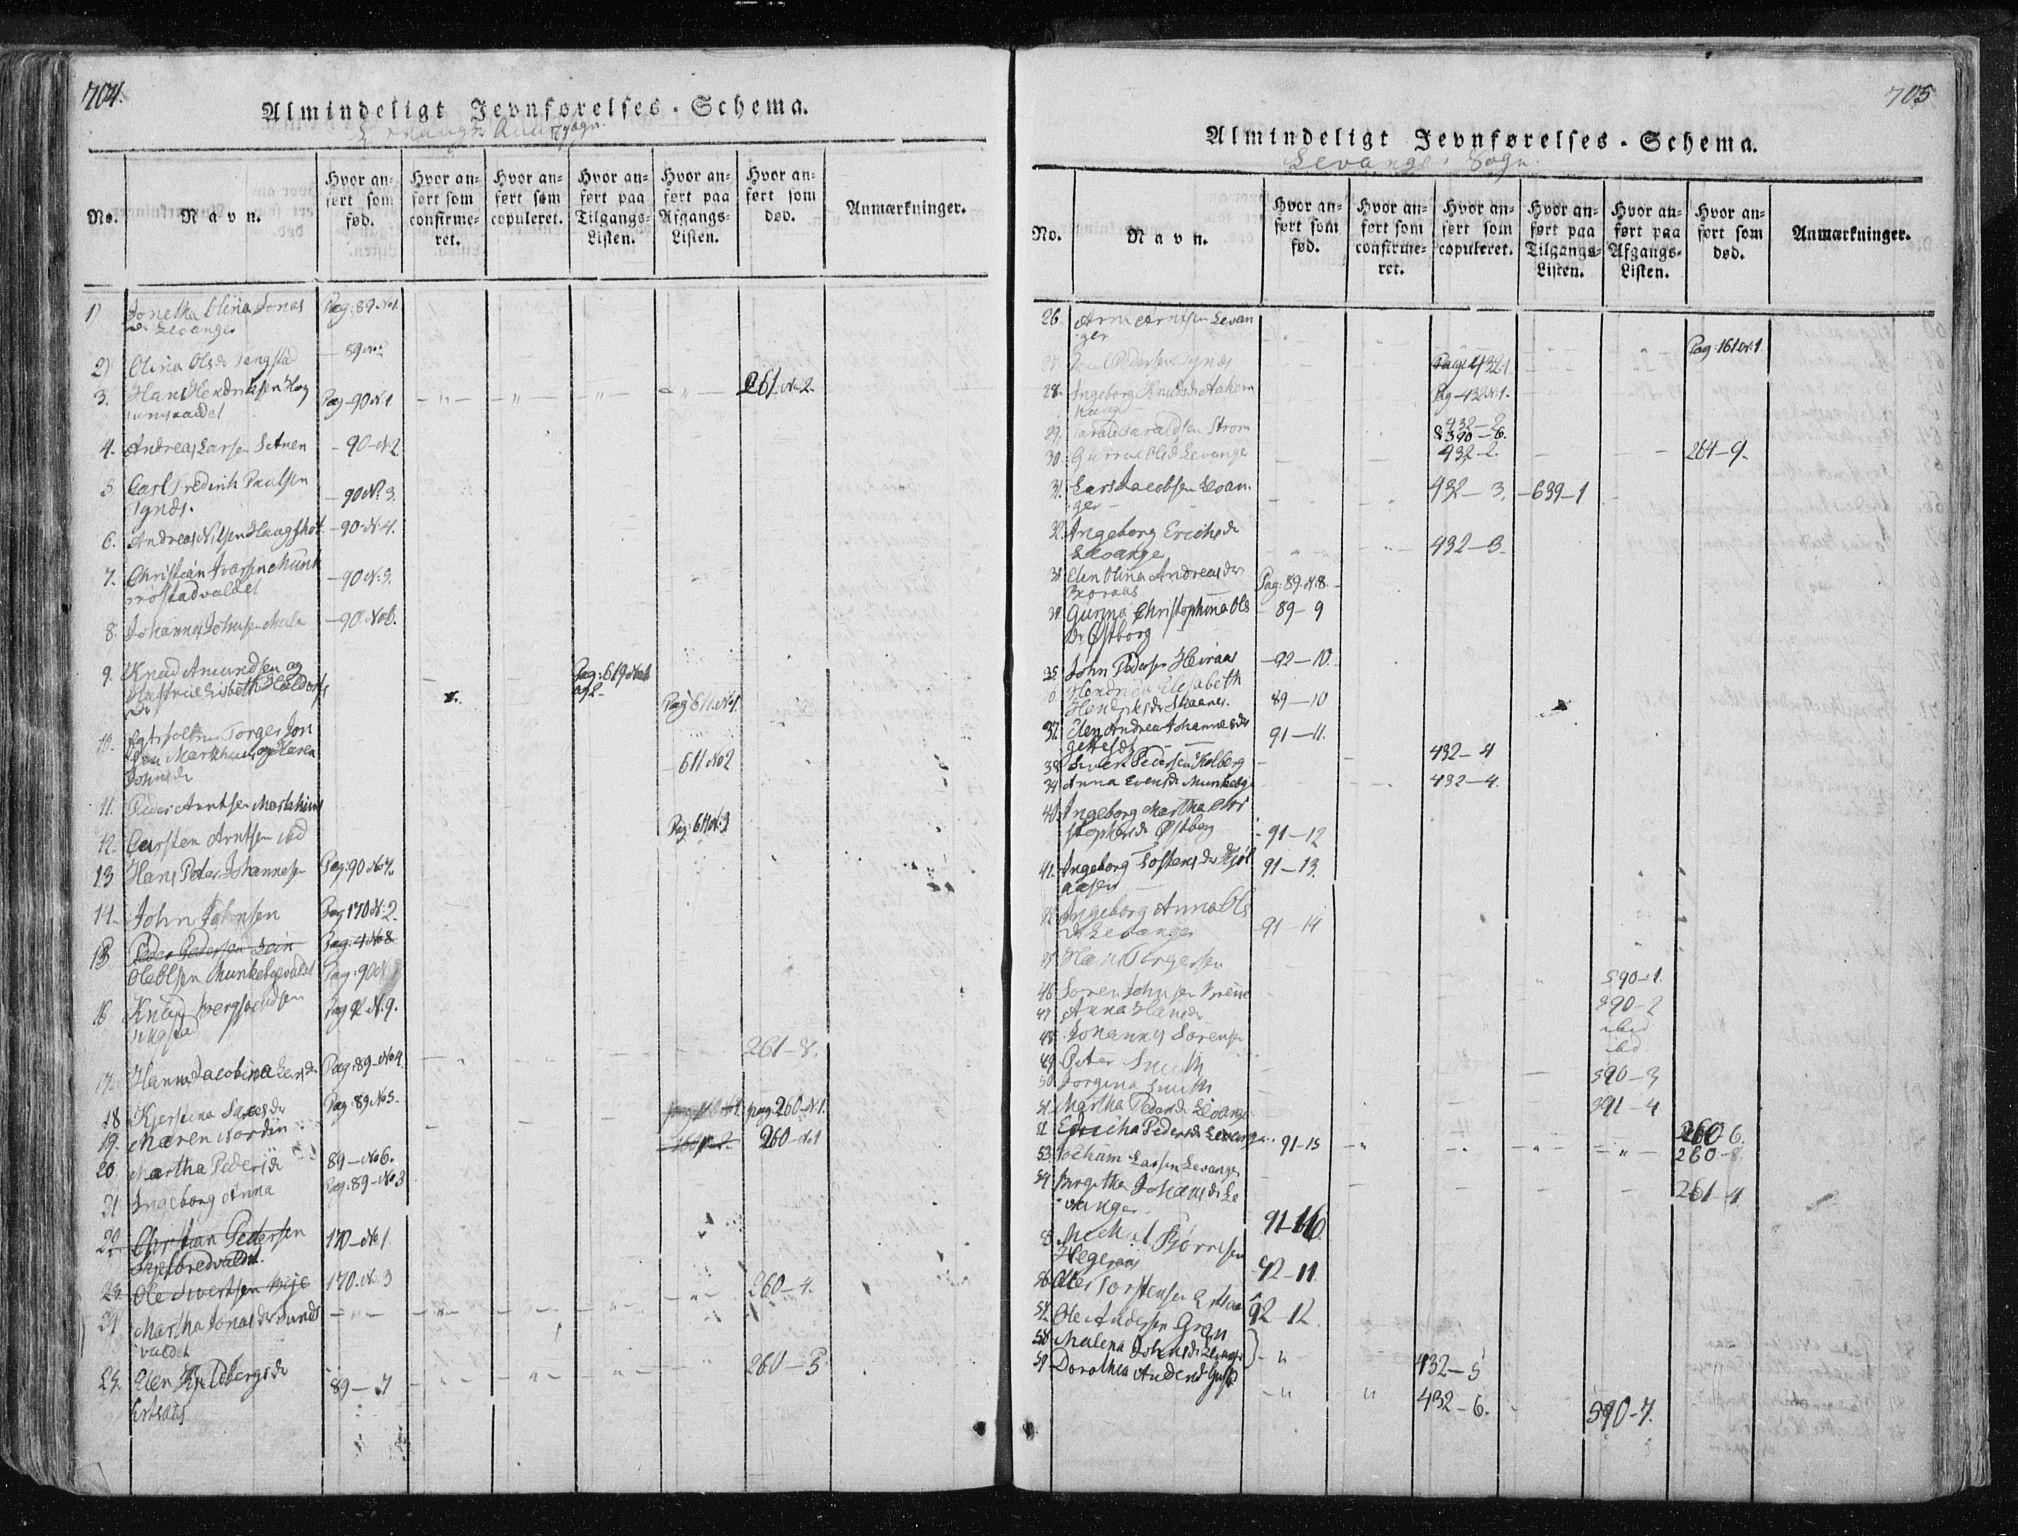 SAT, Ministerialprotokoller, klokkerbøker og fødselsregistre - Nord-Trøndelag, 717/L0148: Ministerialbok nr. 717A04 /2, 1816-1825, s. 704-705